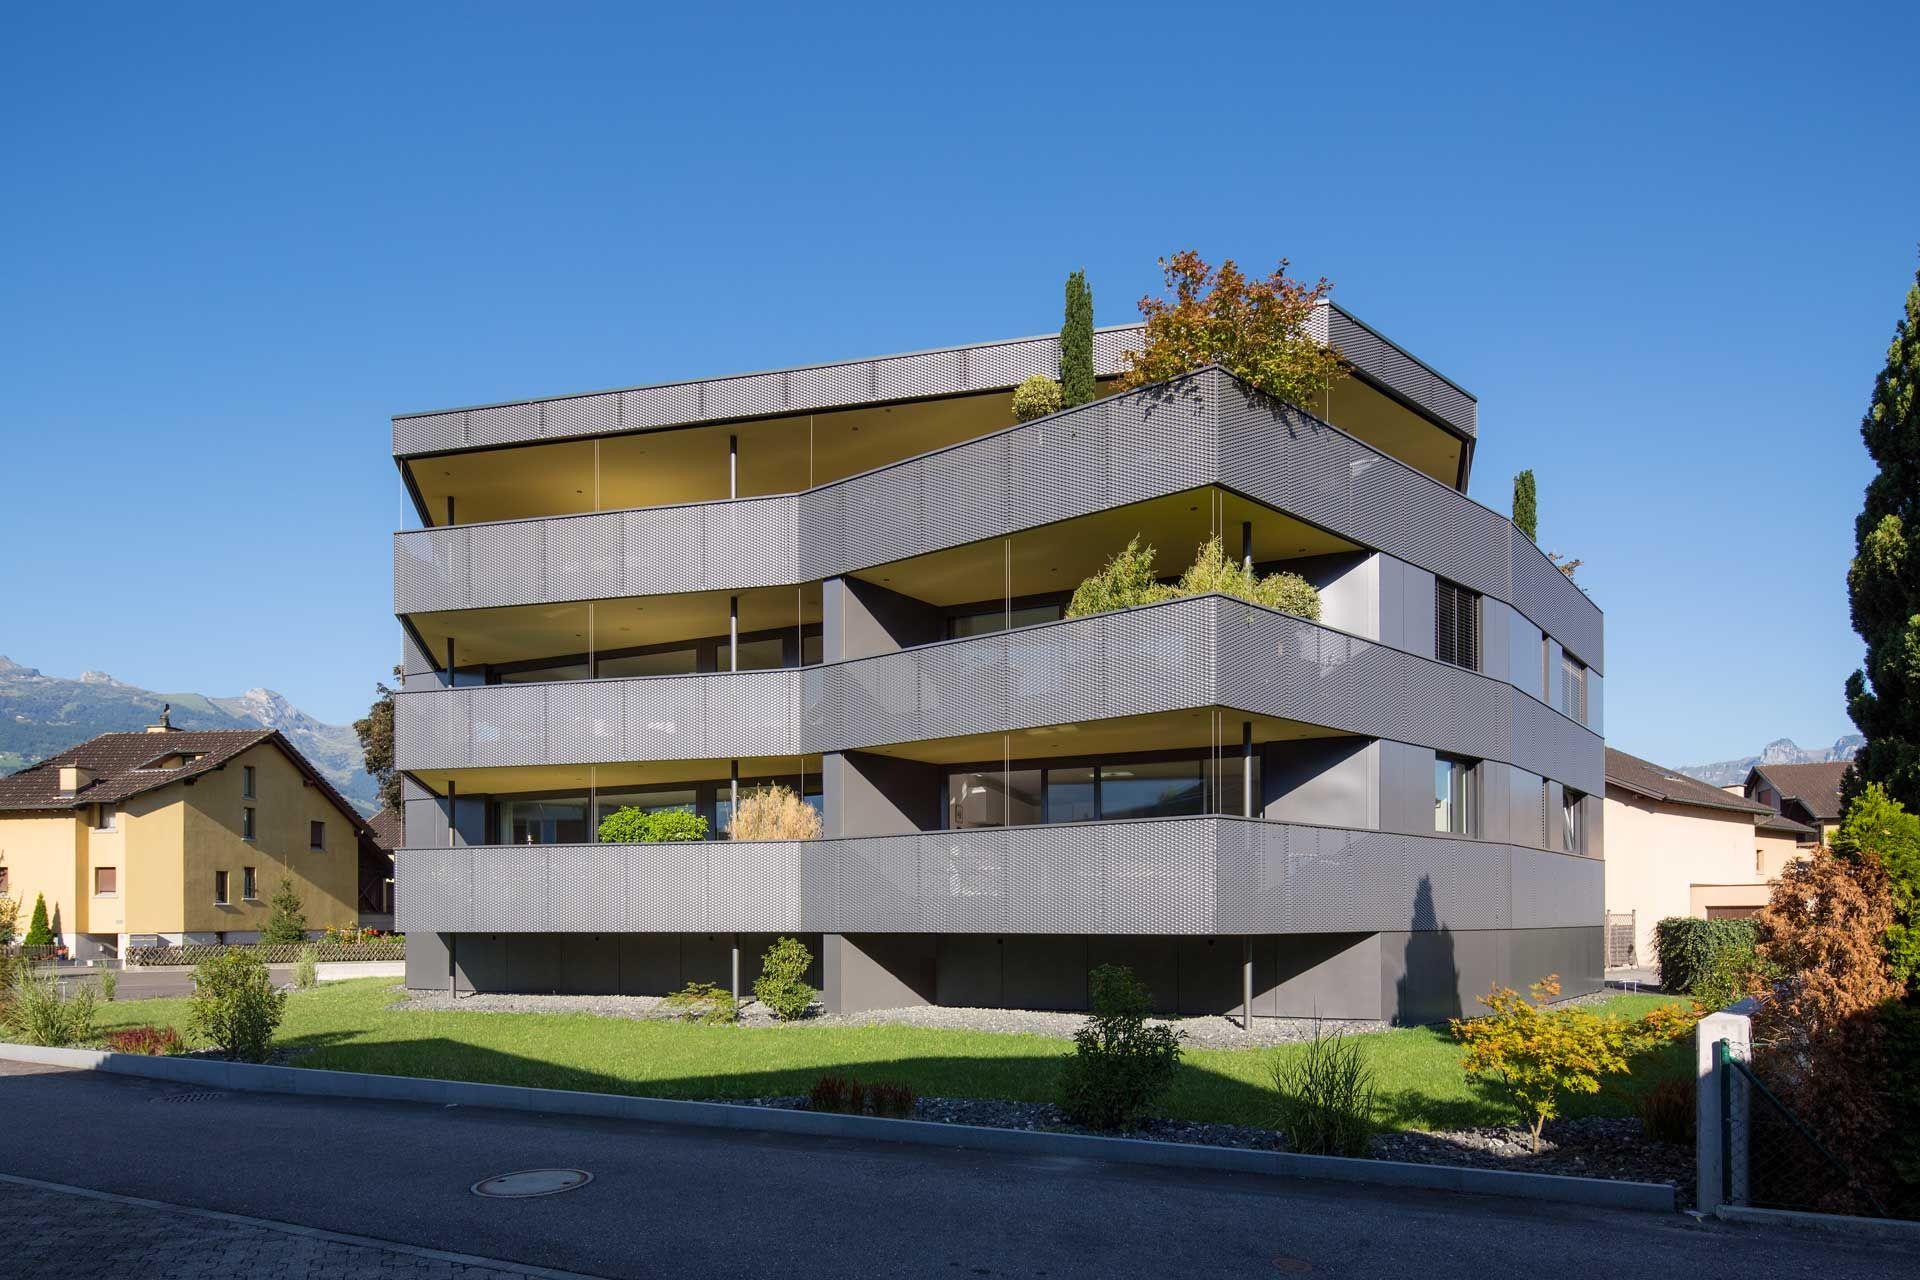 indra+scherrer architektur Mehrfamilienhaus